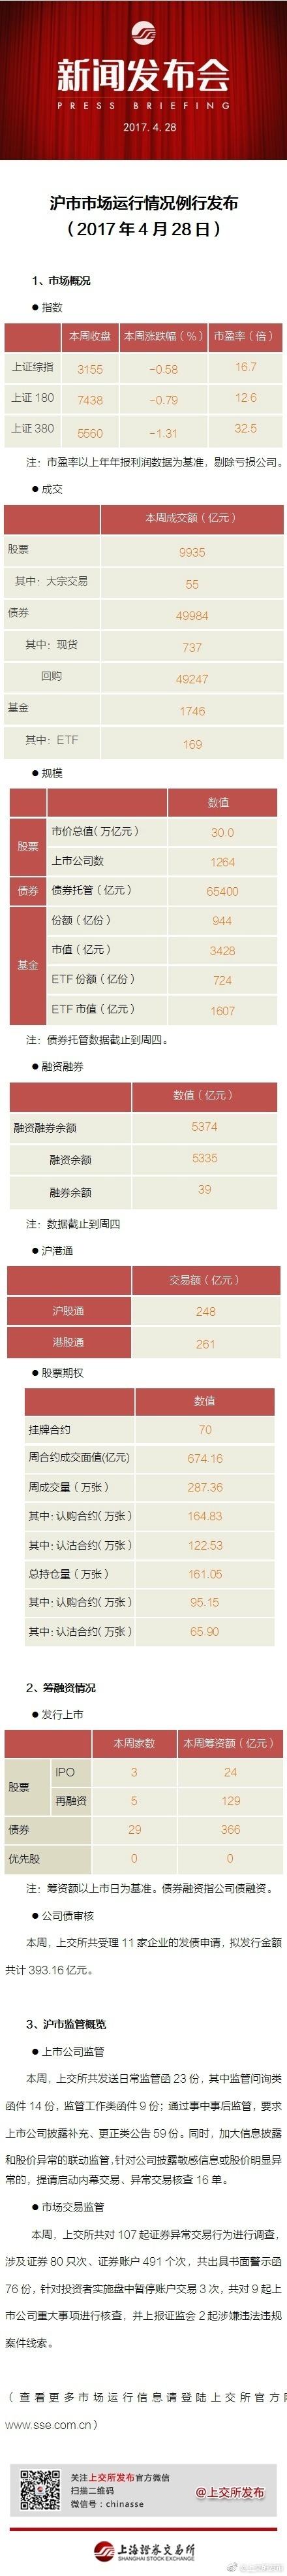 上交所:本周共对107起证券异常交易行为进行调查